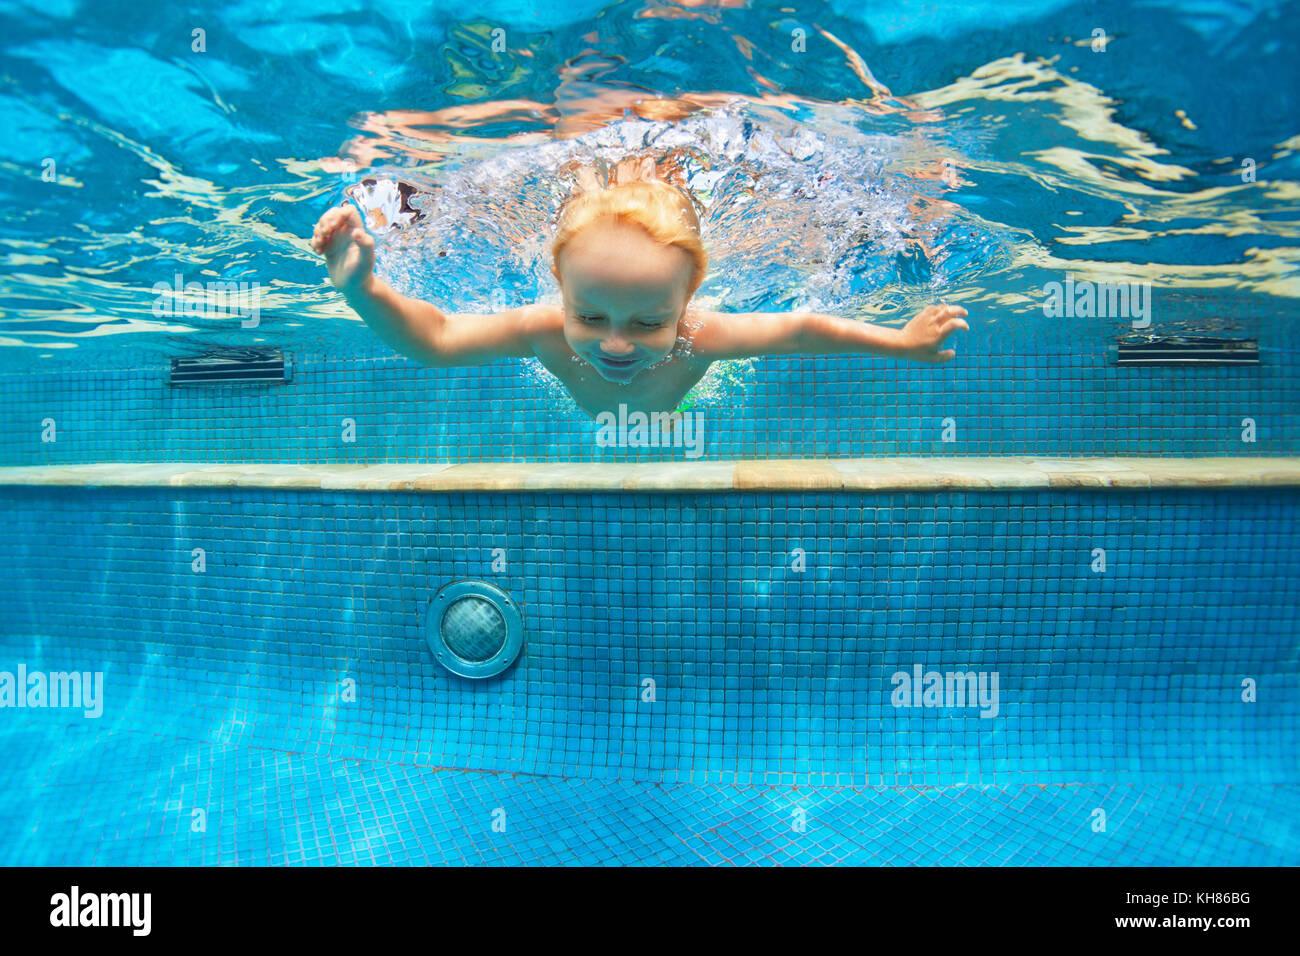 Funny bambino saperne di nuoto, immersioni in piscina blu con divertimento - jumping Deep down subacquei con spruzzi. Immagini Stock